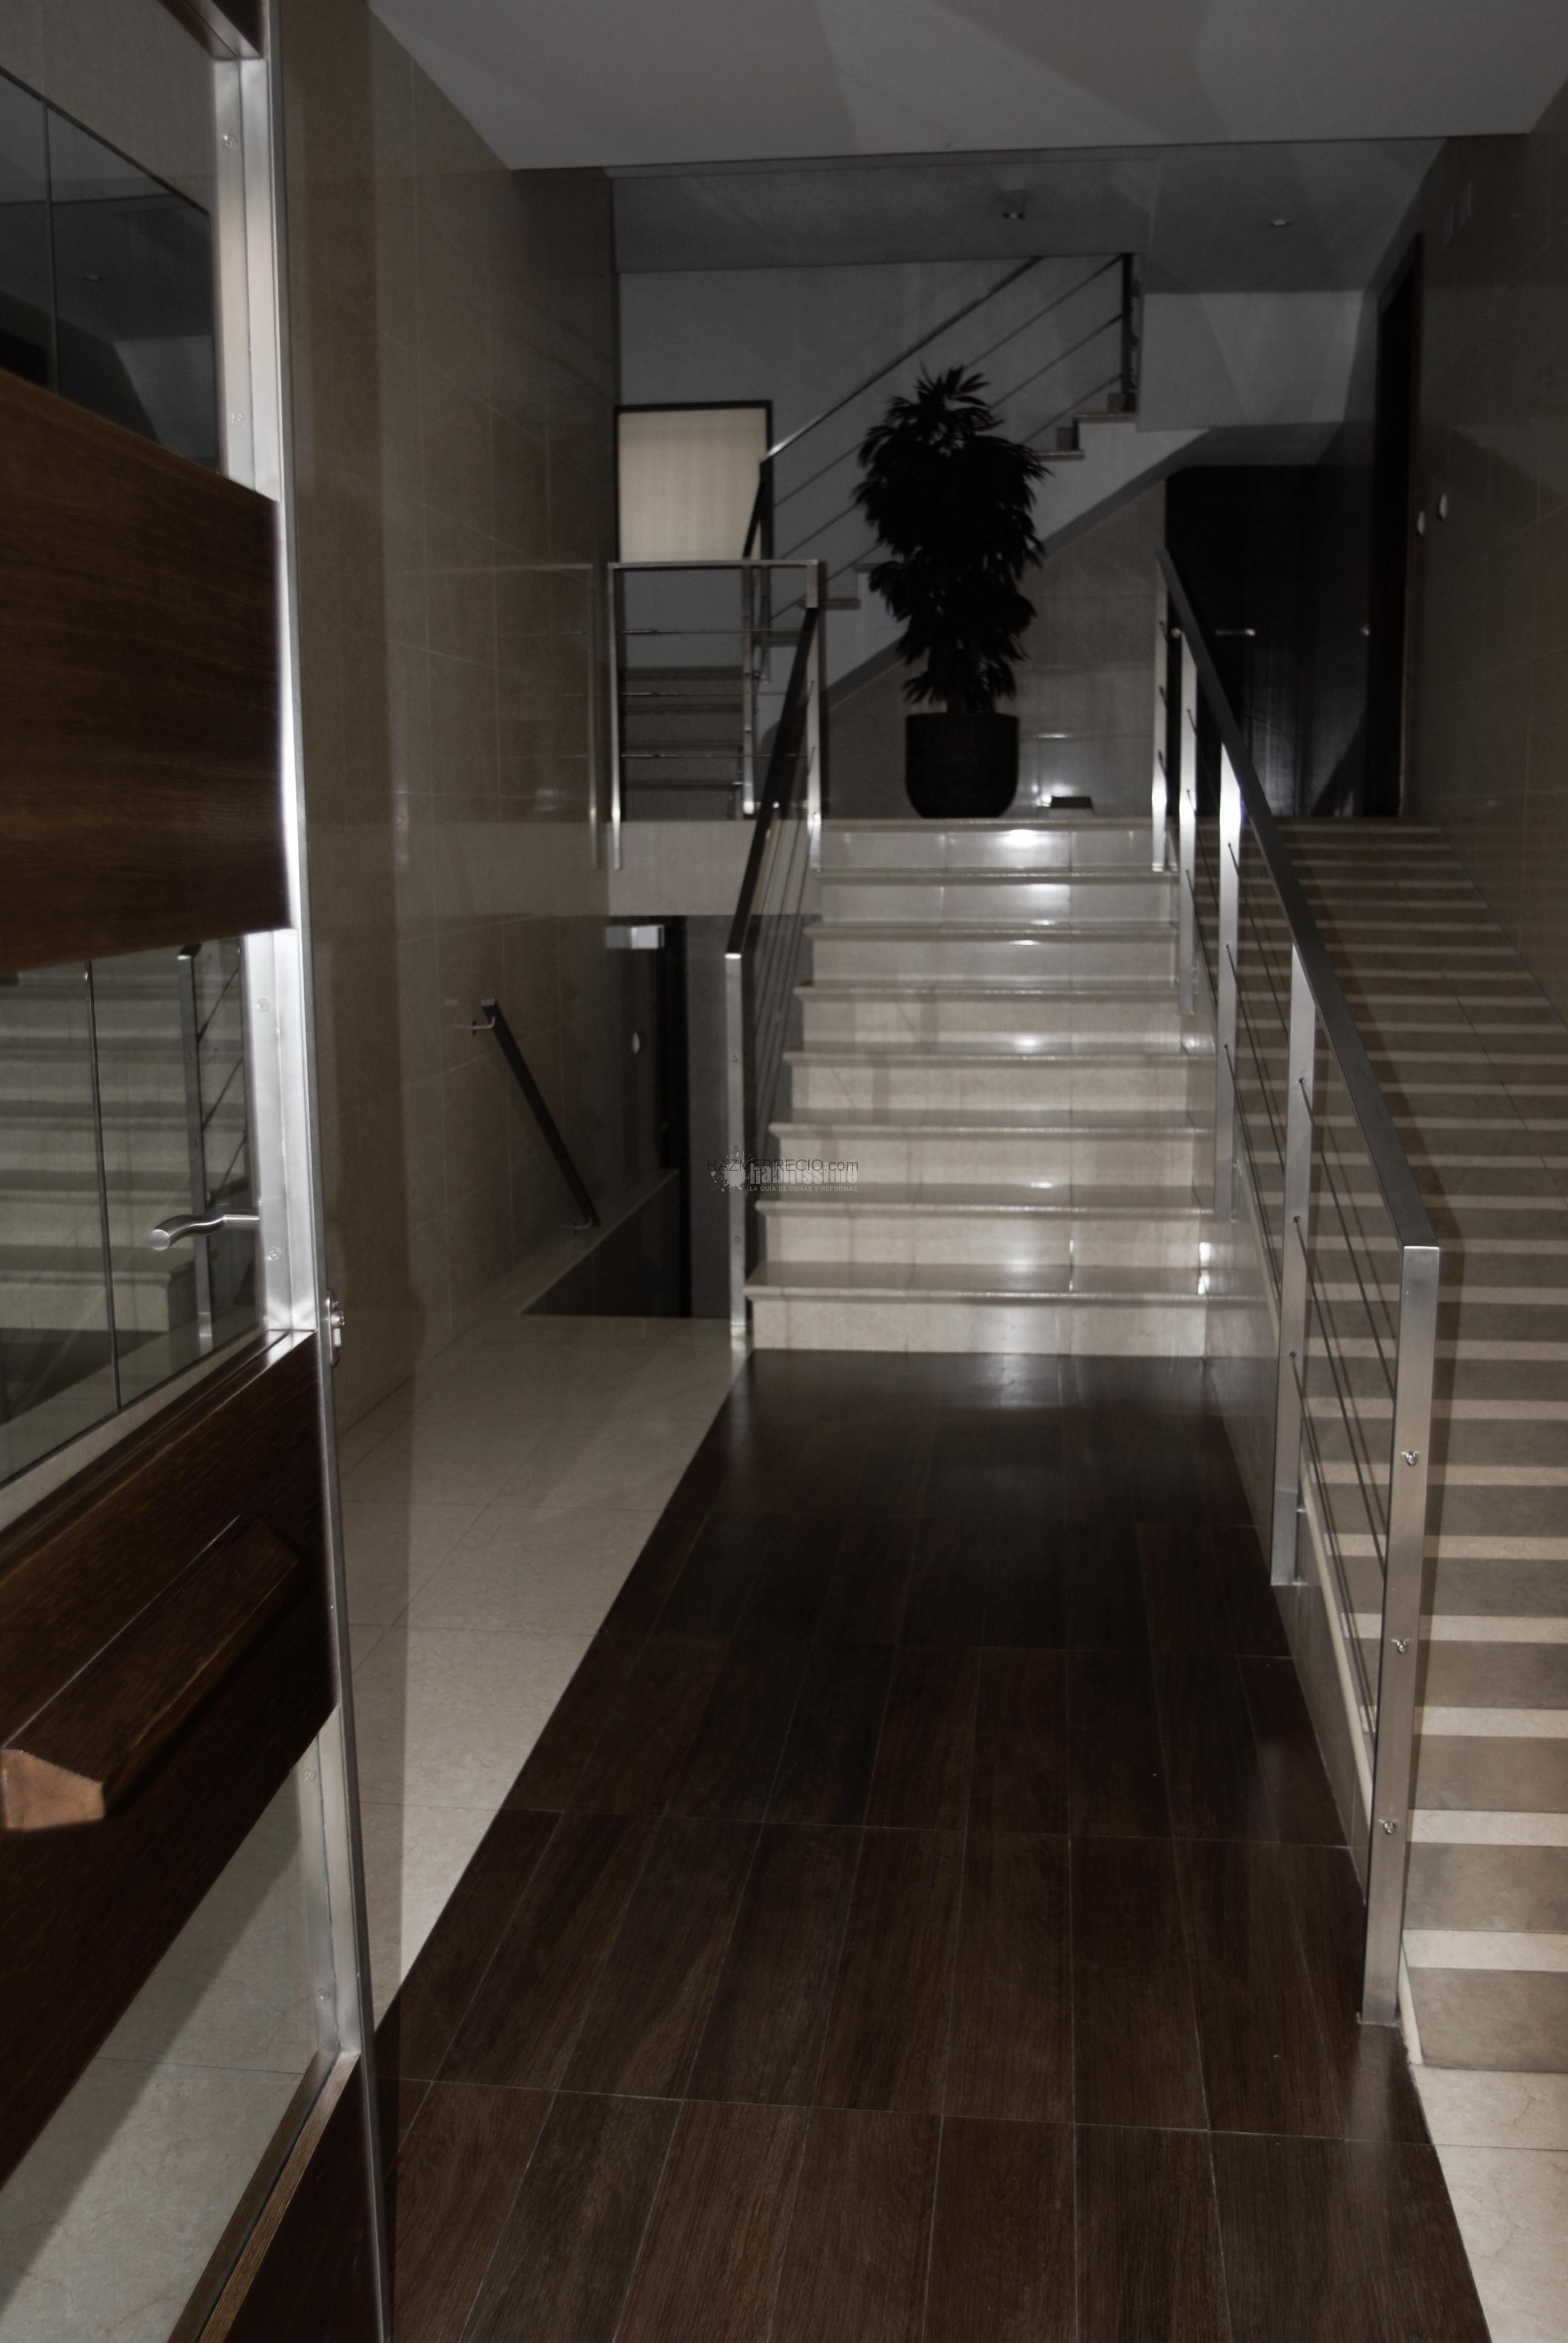 Mantenimiento de limpieza de comunidades de propietarios for Apliques para escaleras de comunidad